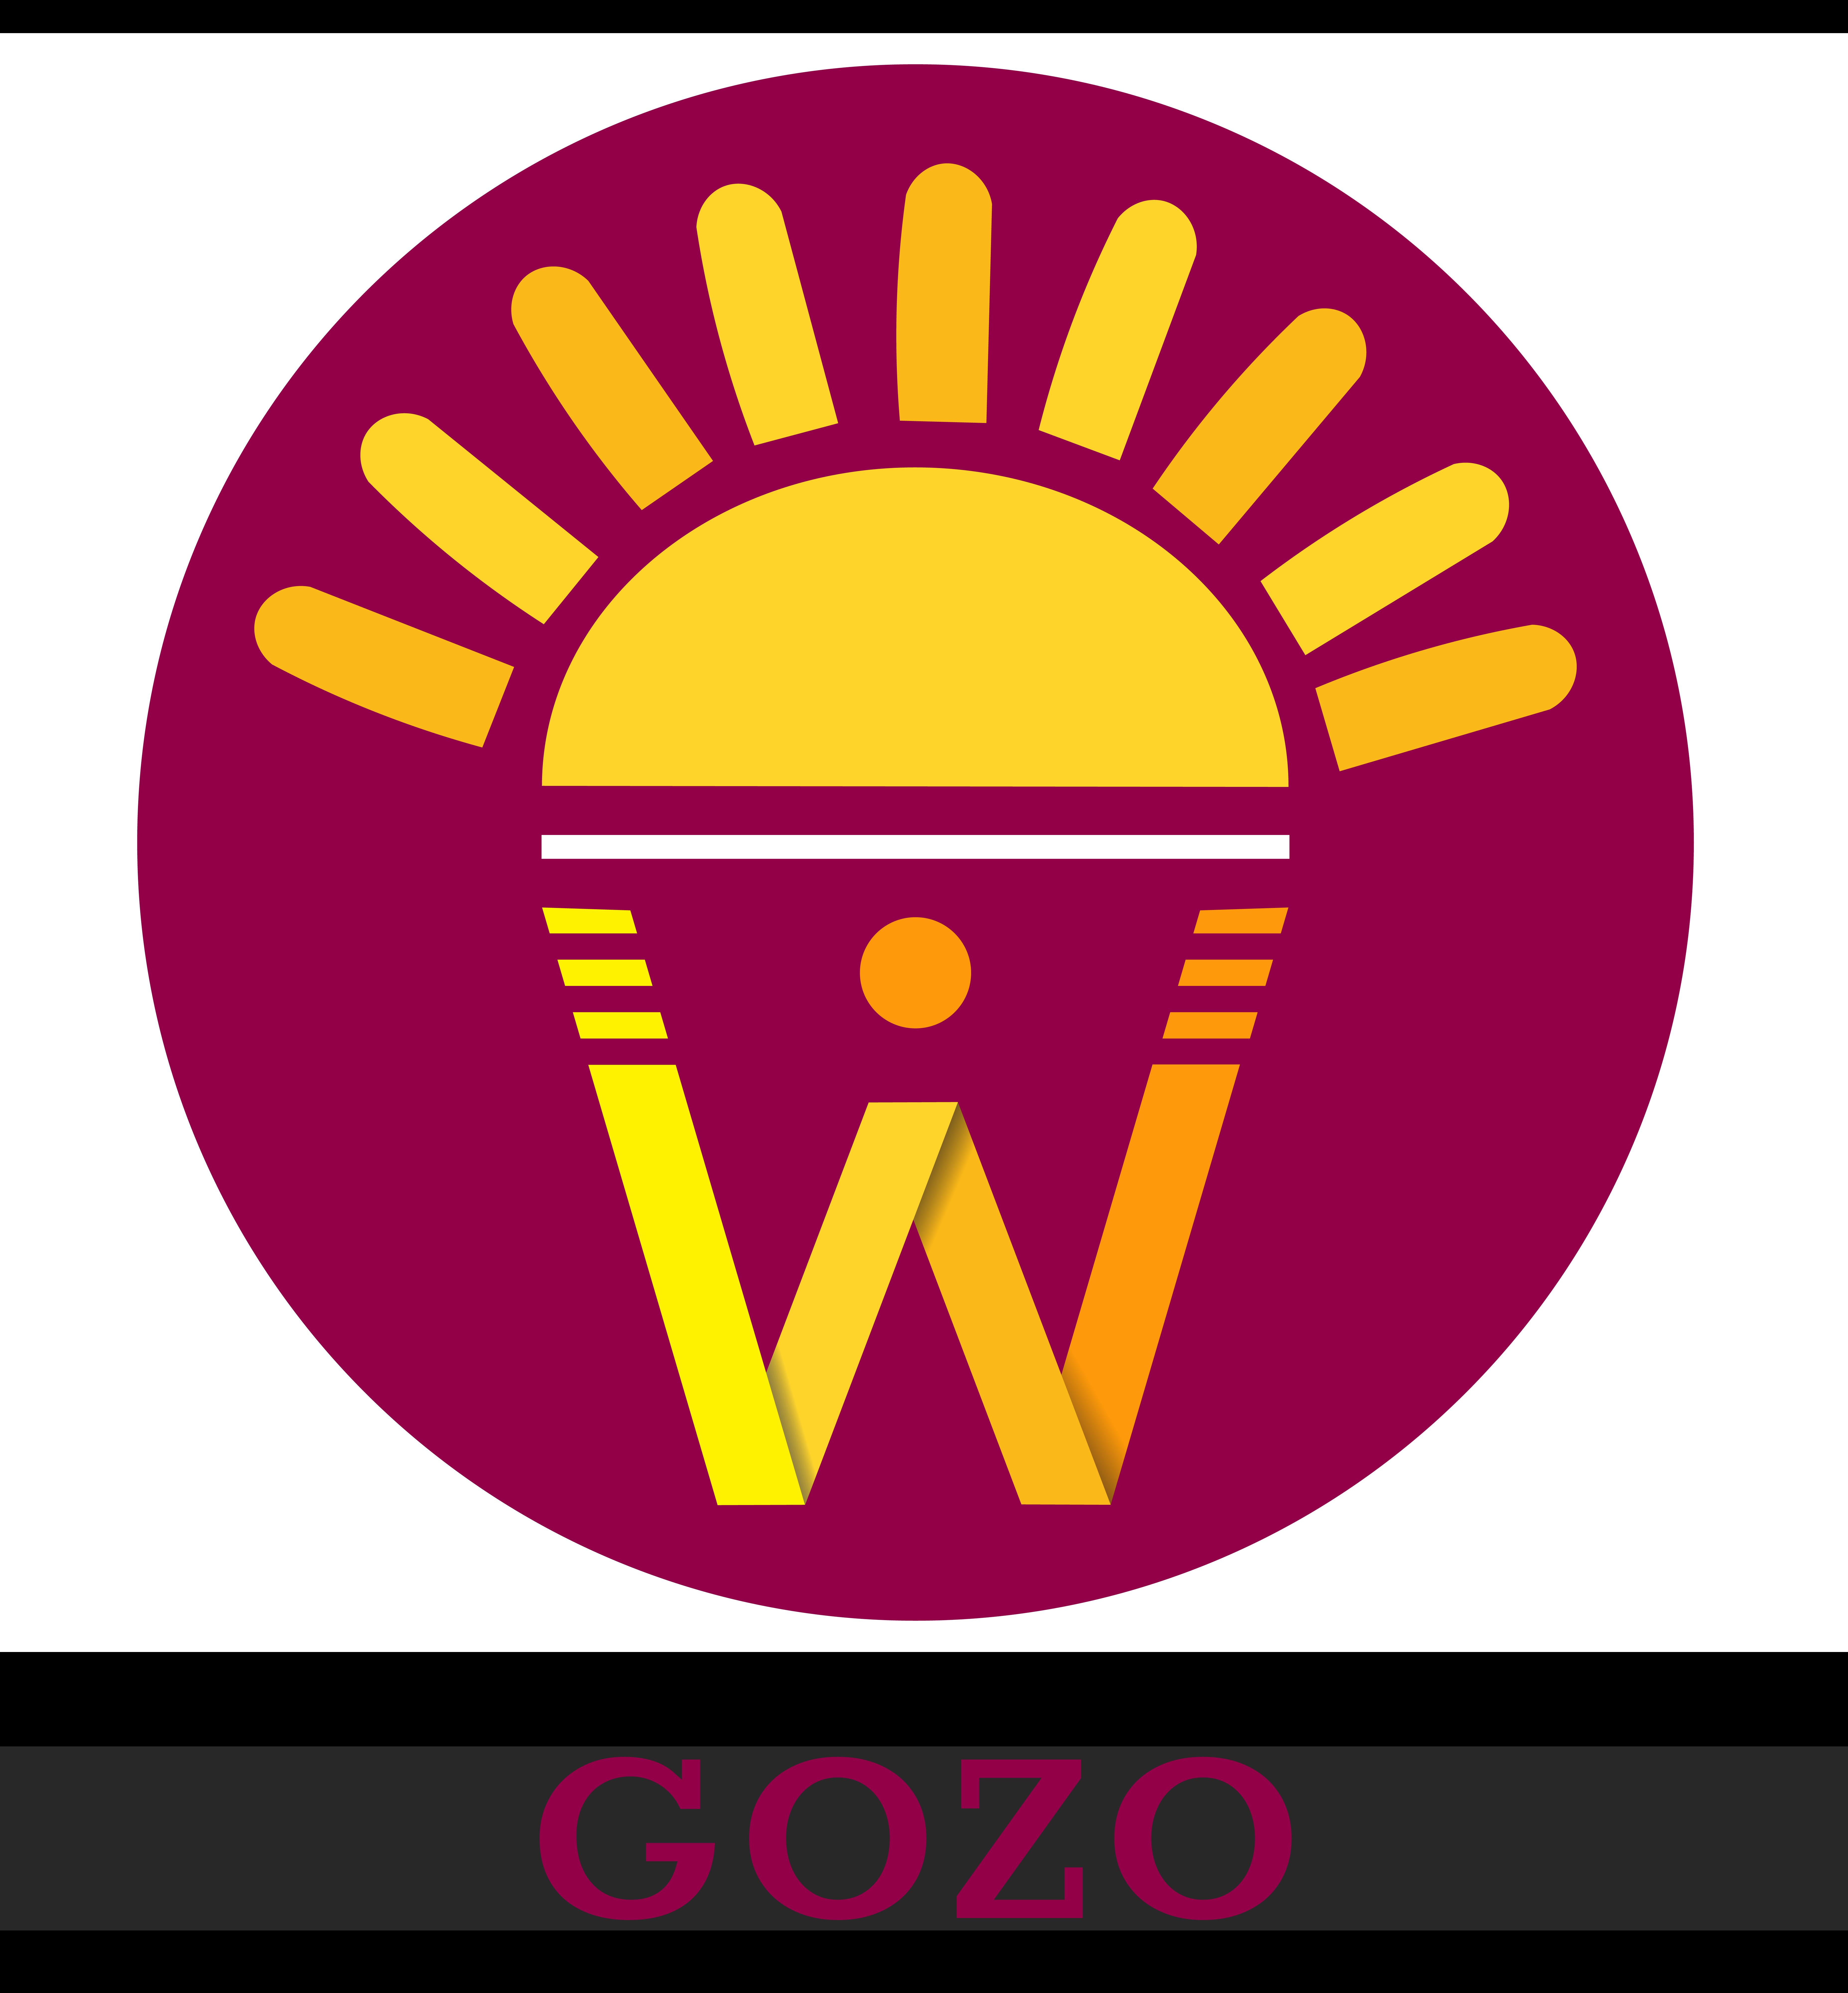 Whiz Gozo